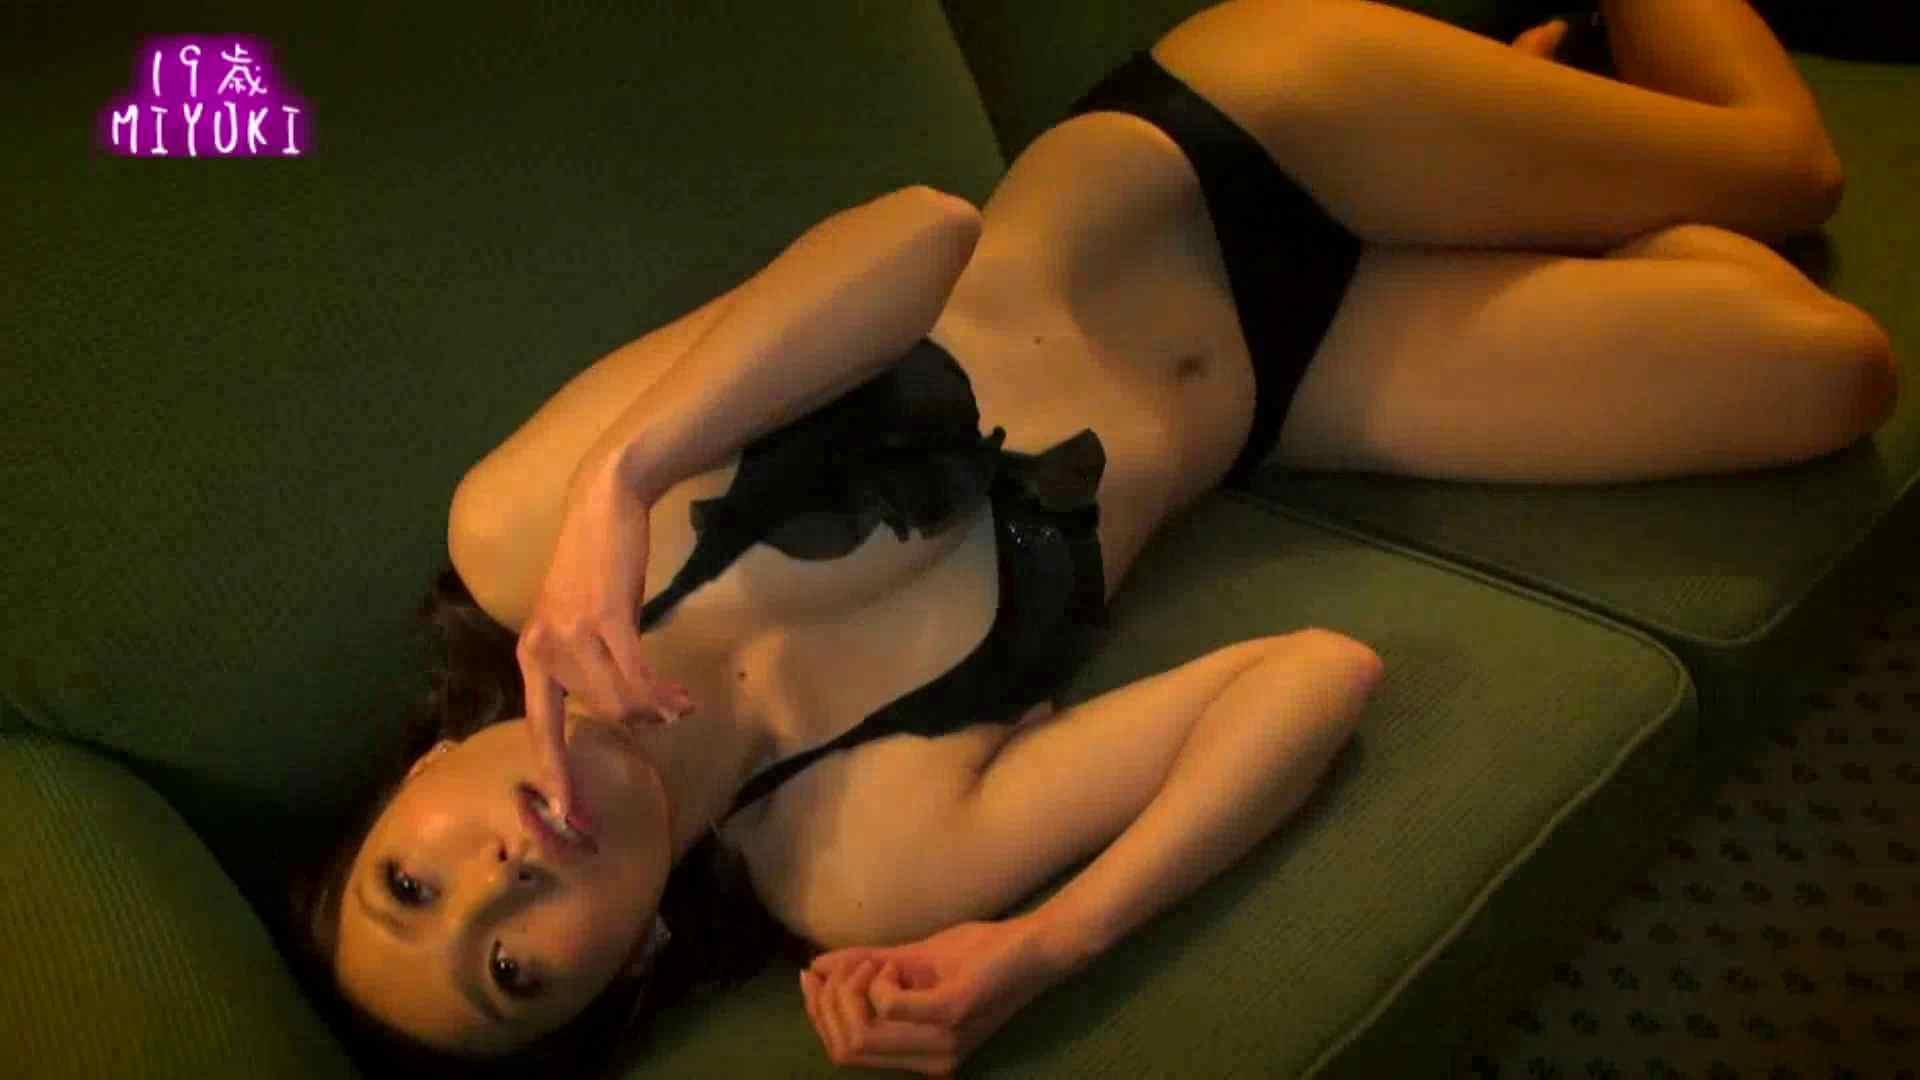 カメラテストを兼ねて、MIYUKIちゃんのイメージ撮影 素人流出動画  83枚 6